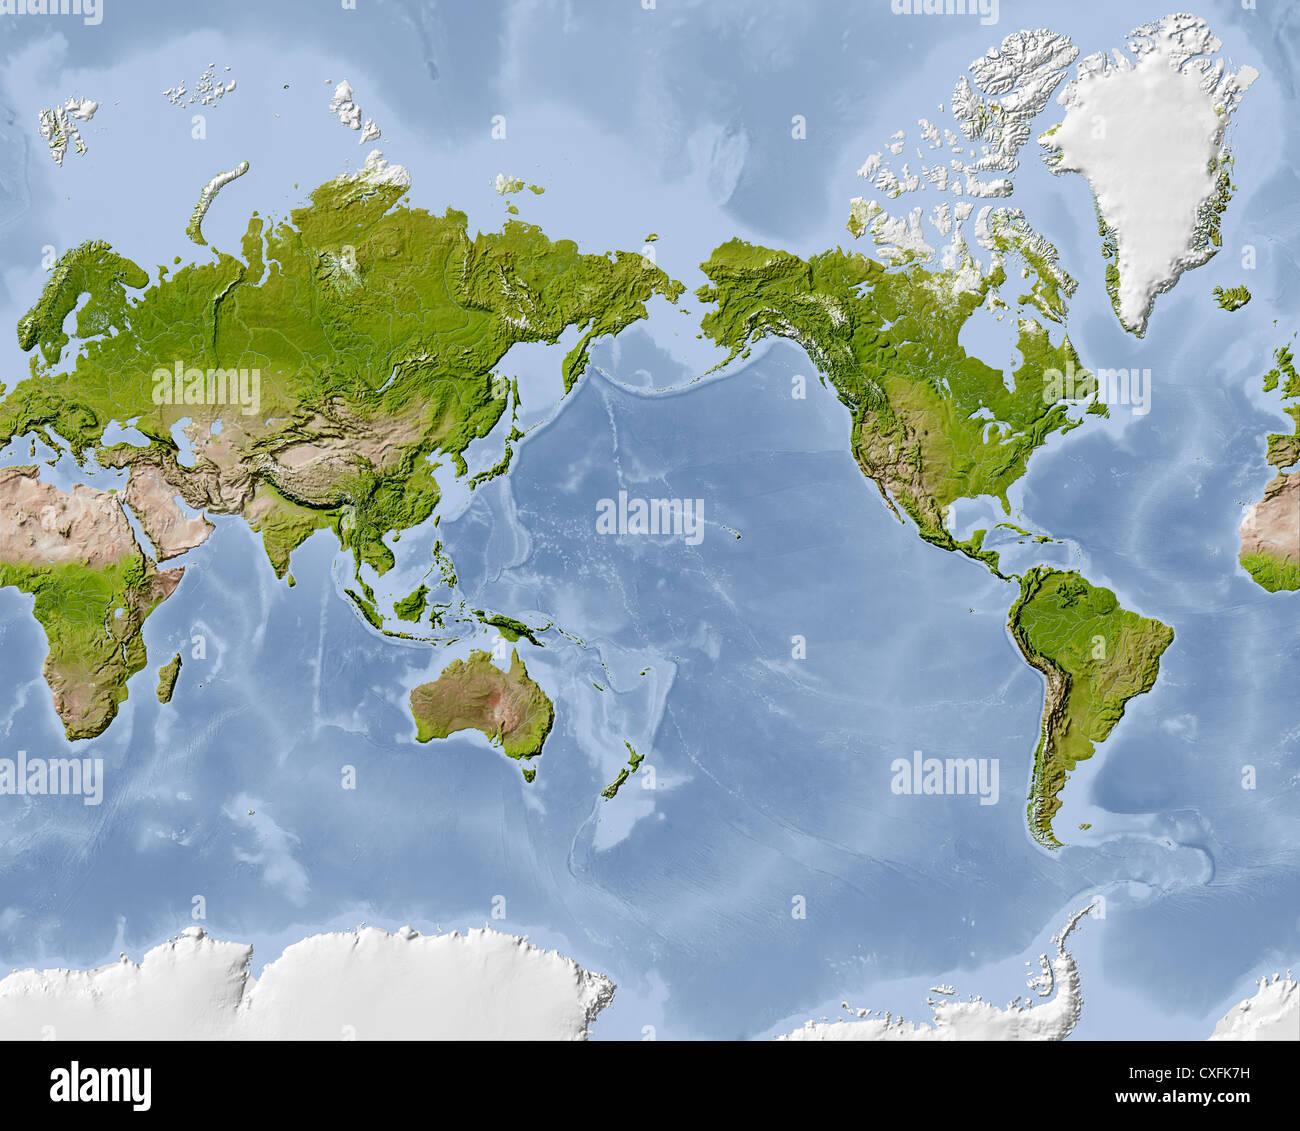 Mappa del mondo, Rilievo ombreggiato mappa. Centrato sul Pacifico. Immagini Stock